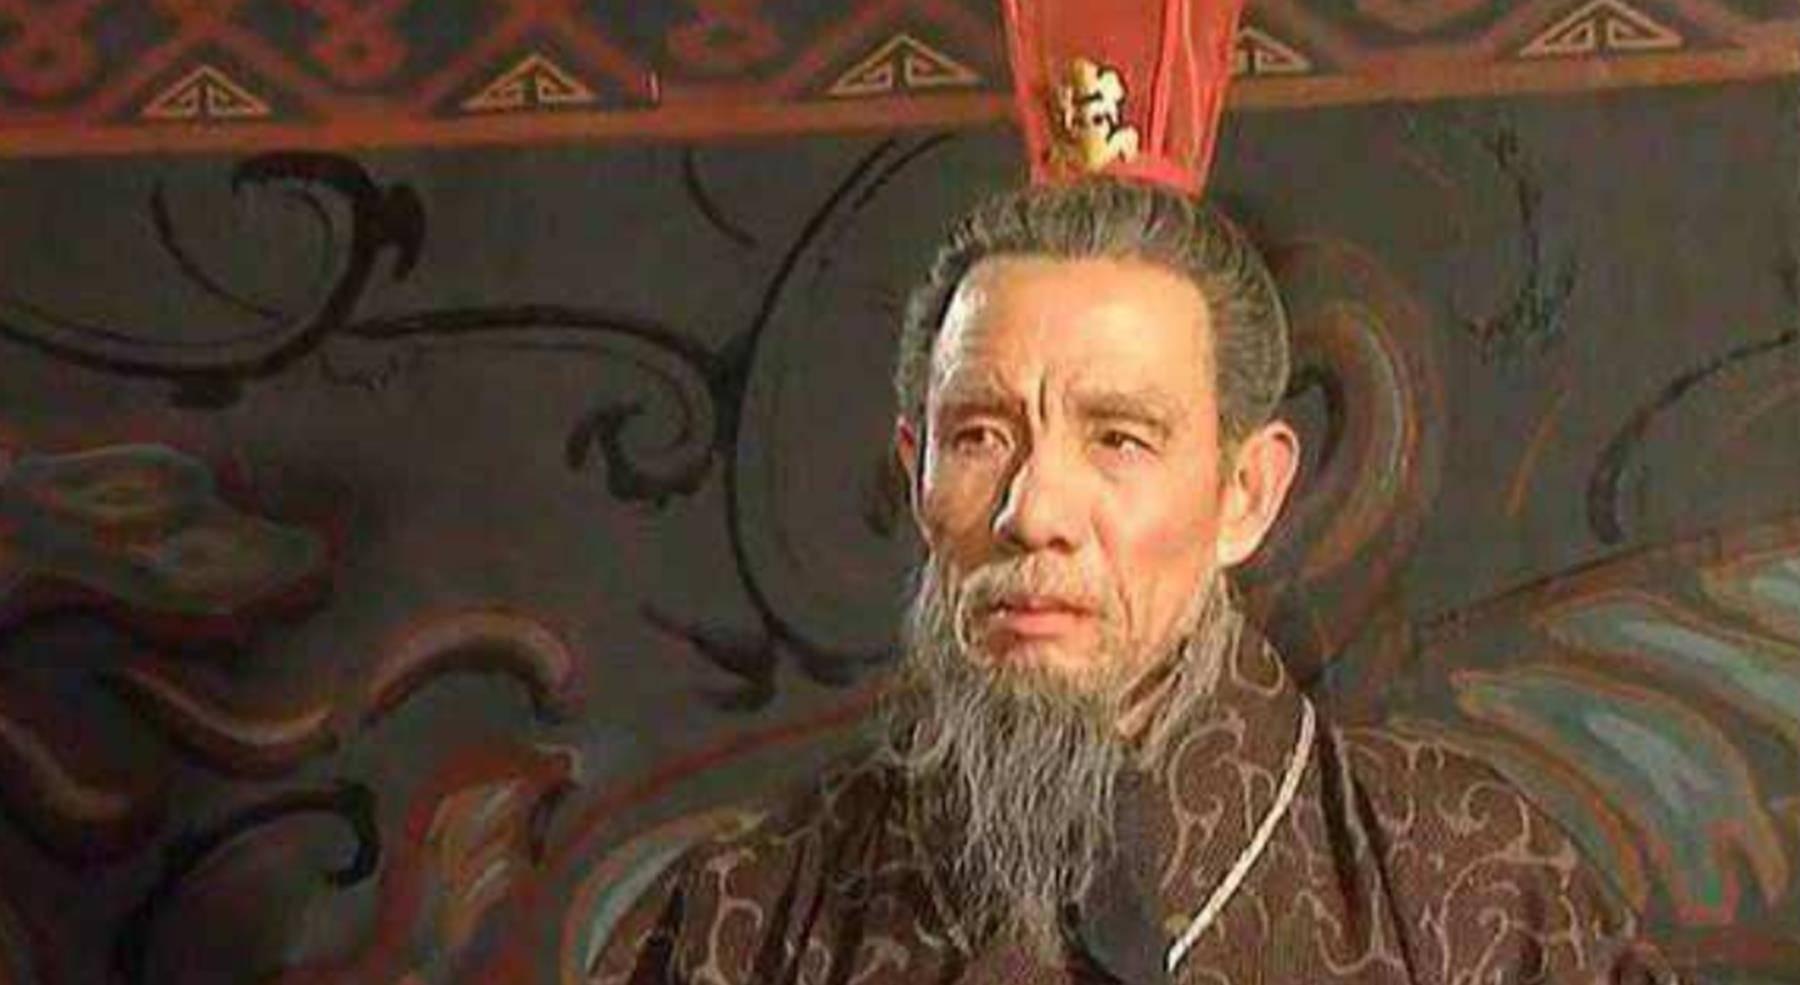 老版《三国演义》司马懿图片